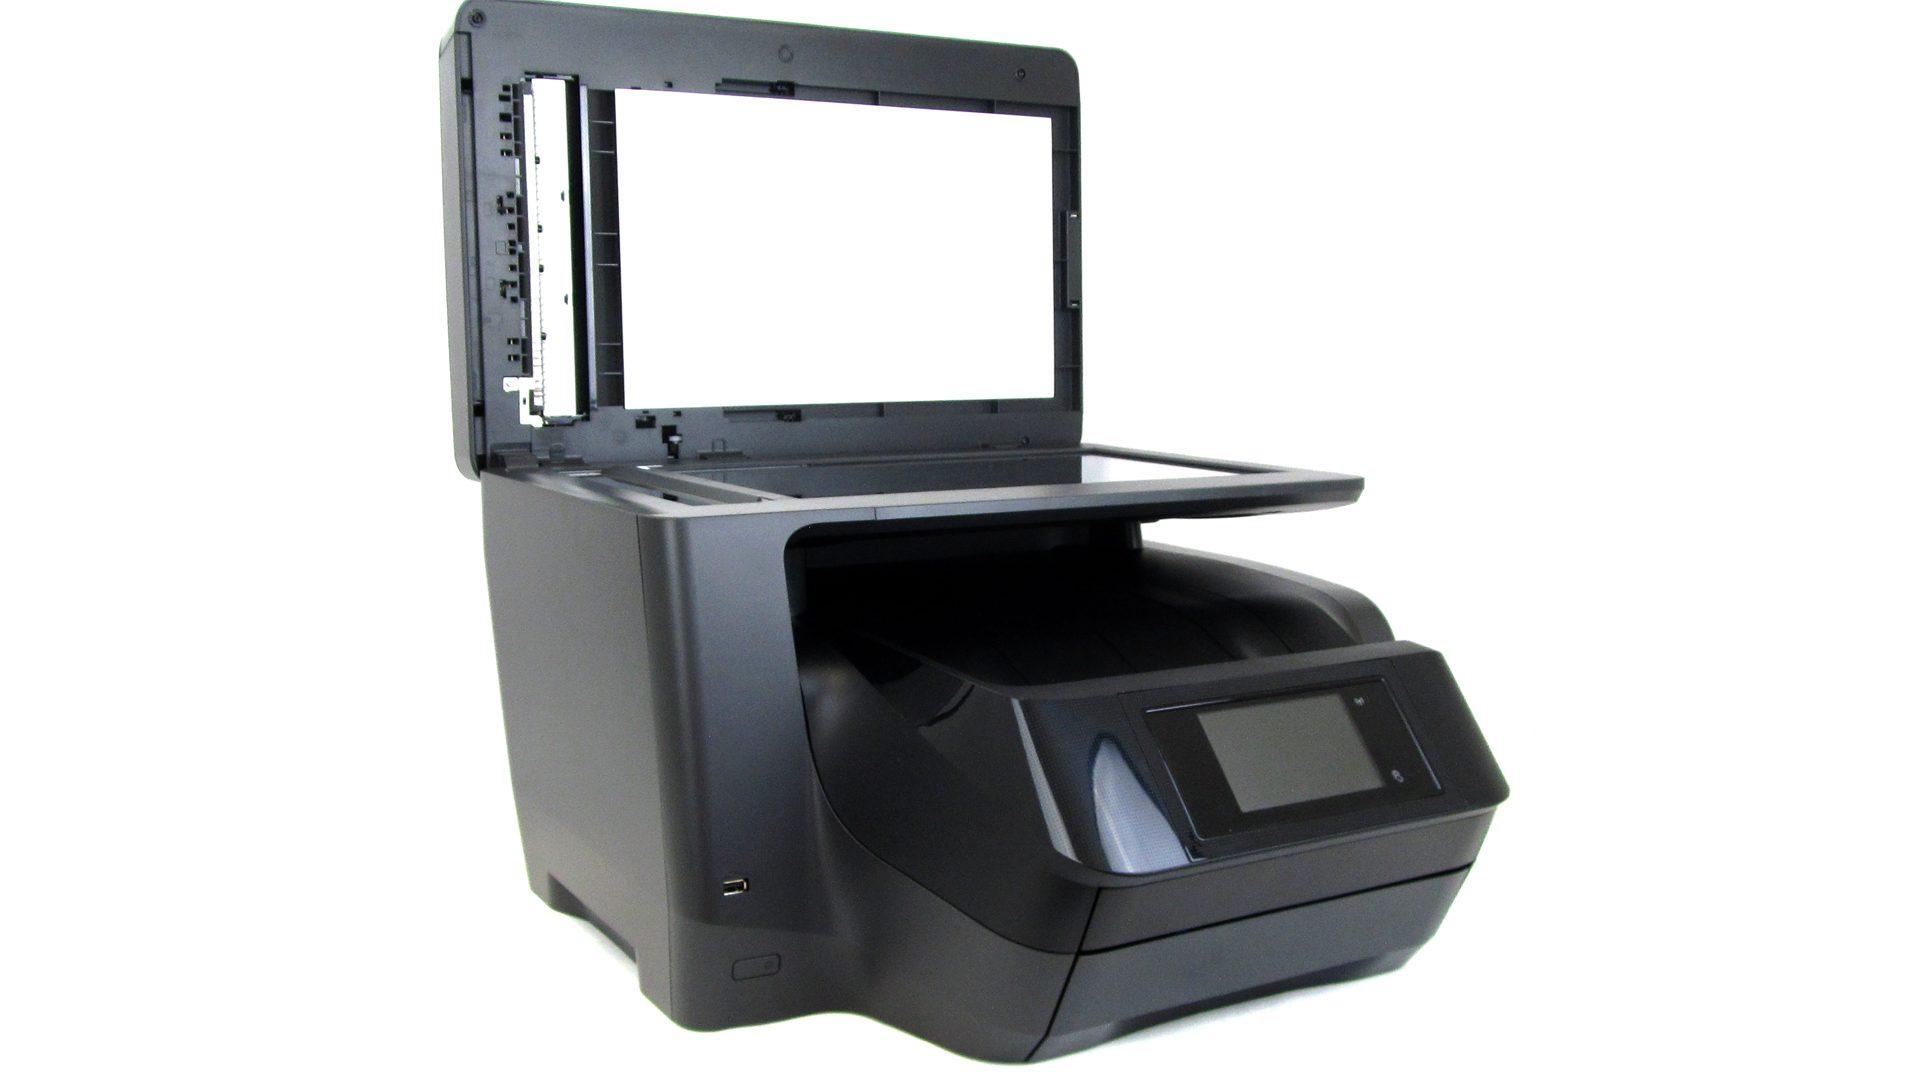 HP OfficeJet Pro 8725 Ansichten_6